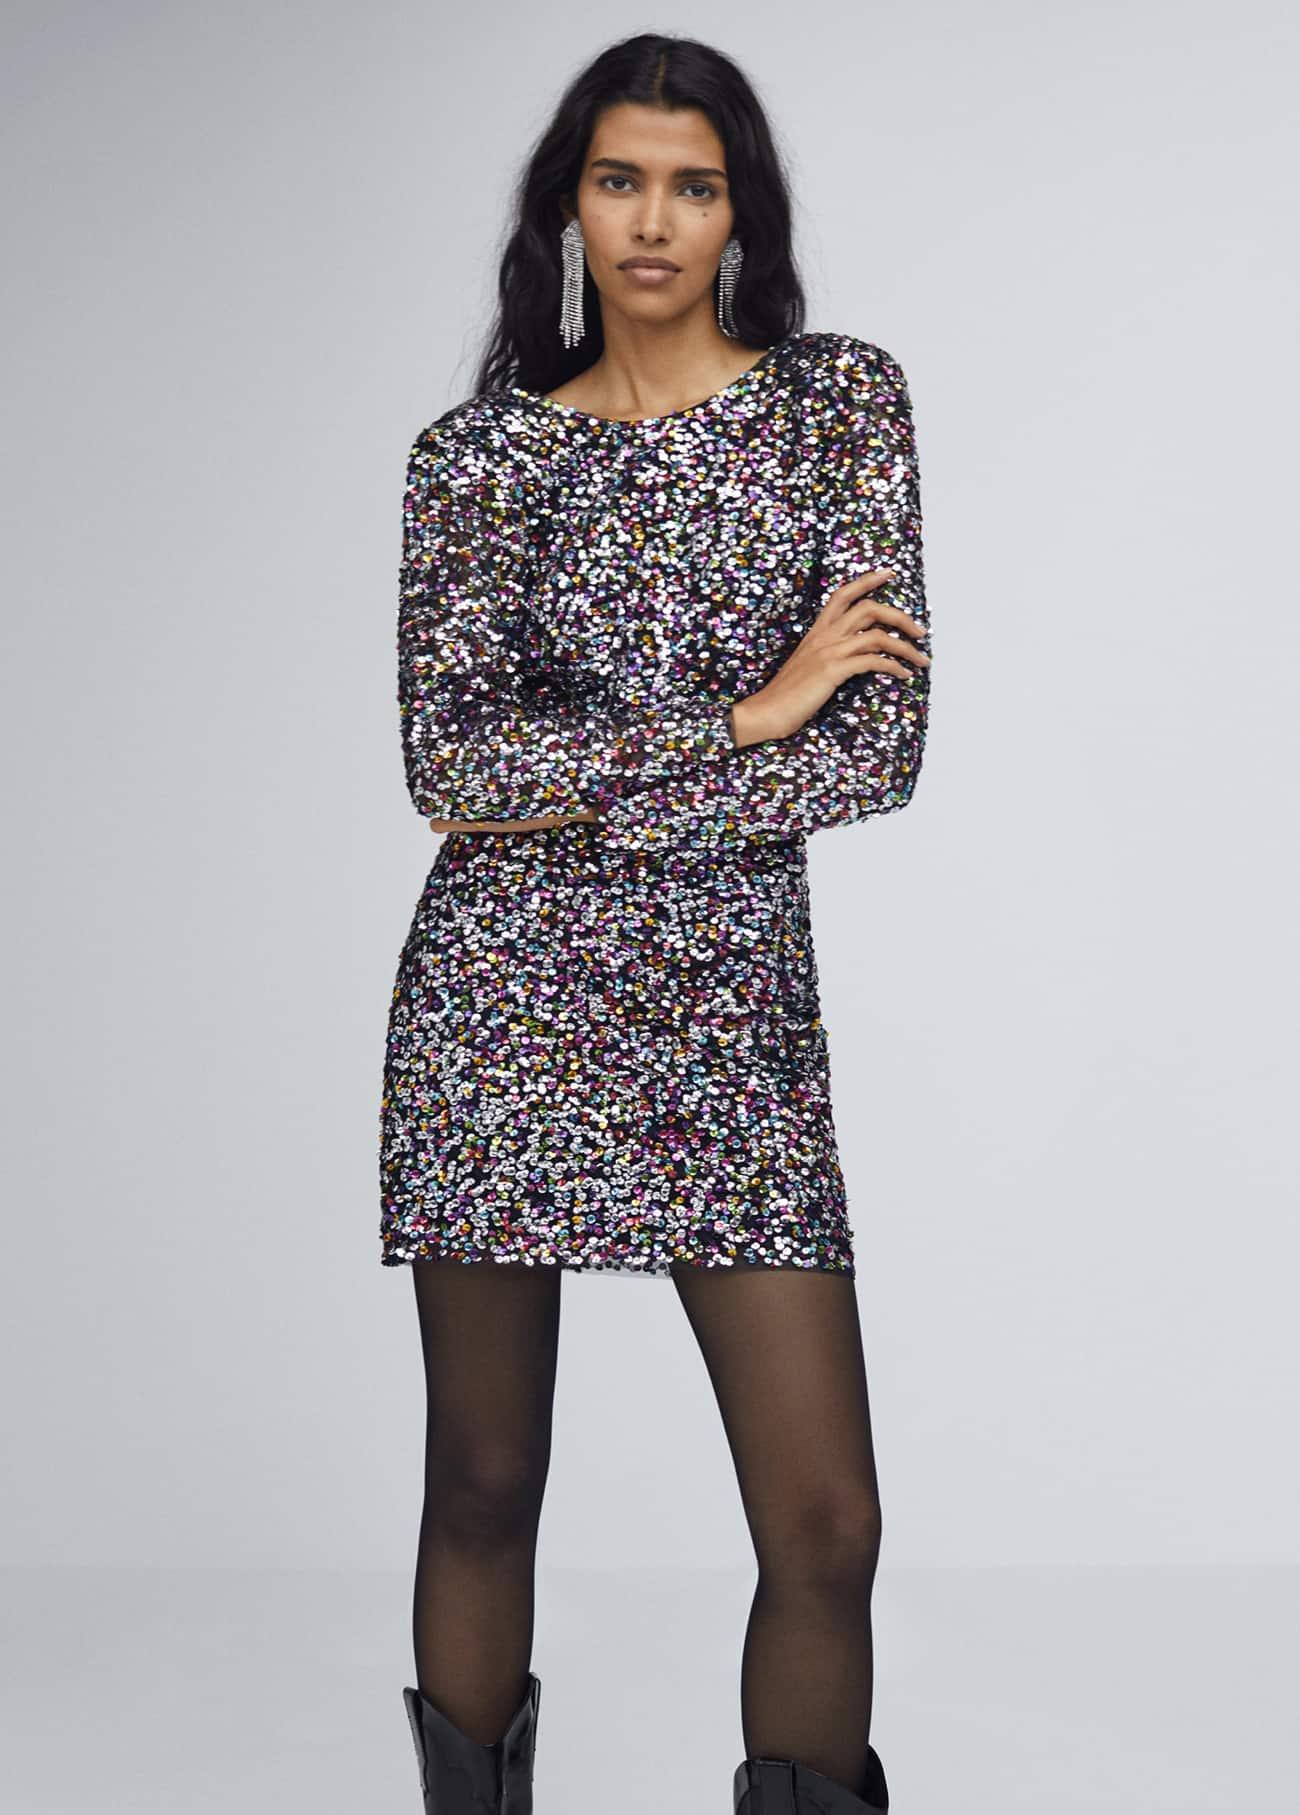 Kleidung für Damen | OUTLET Deutschland